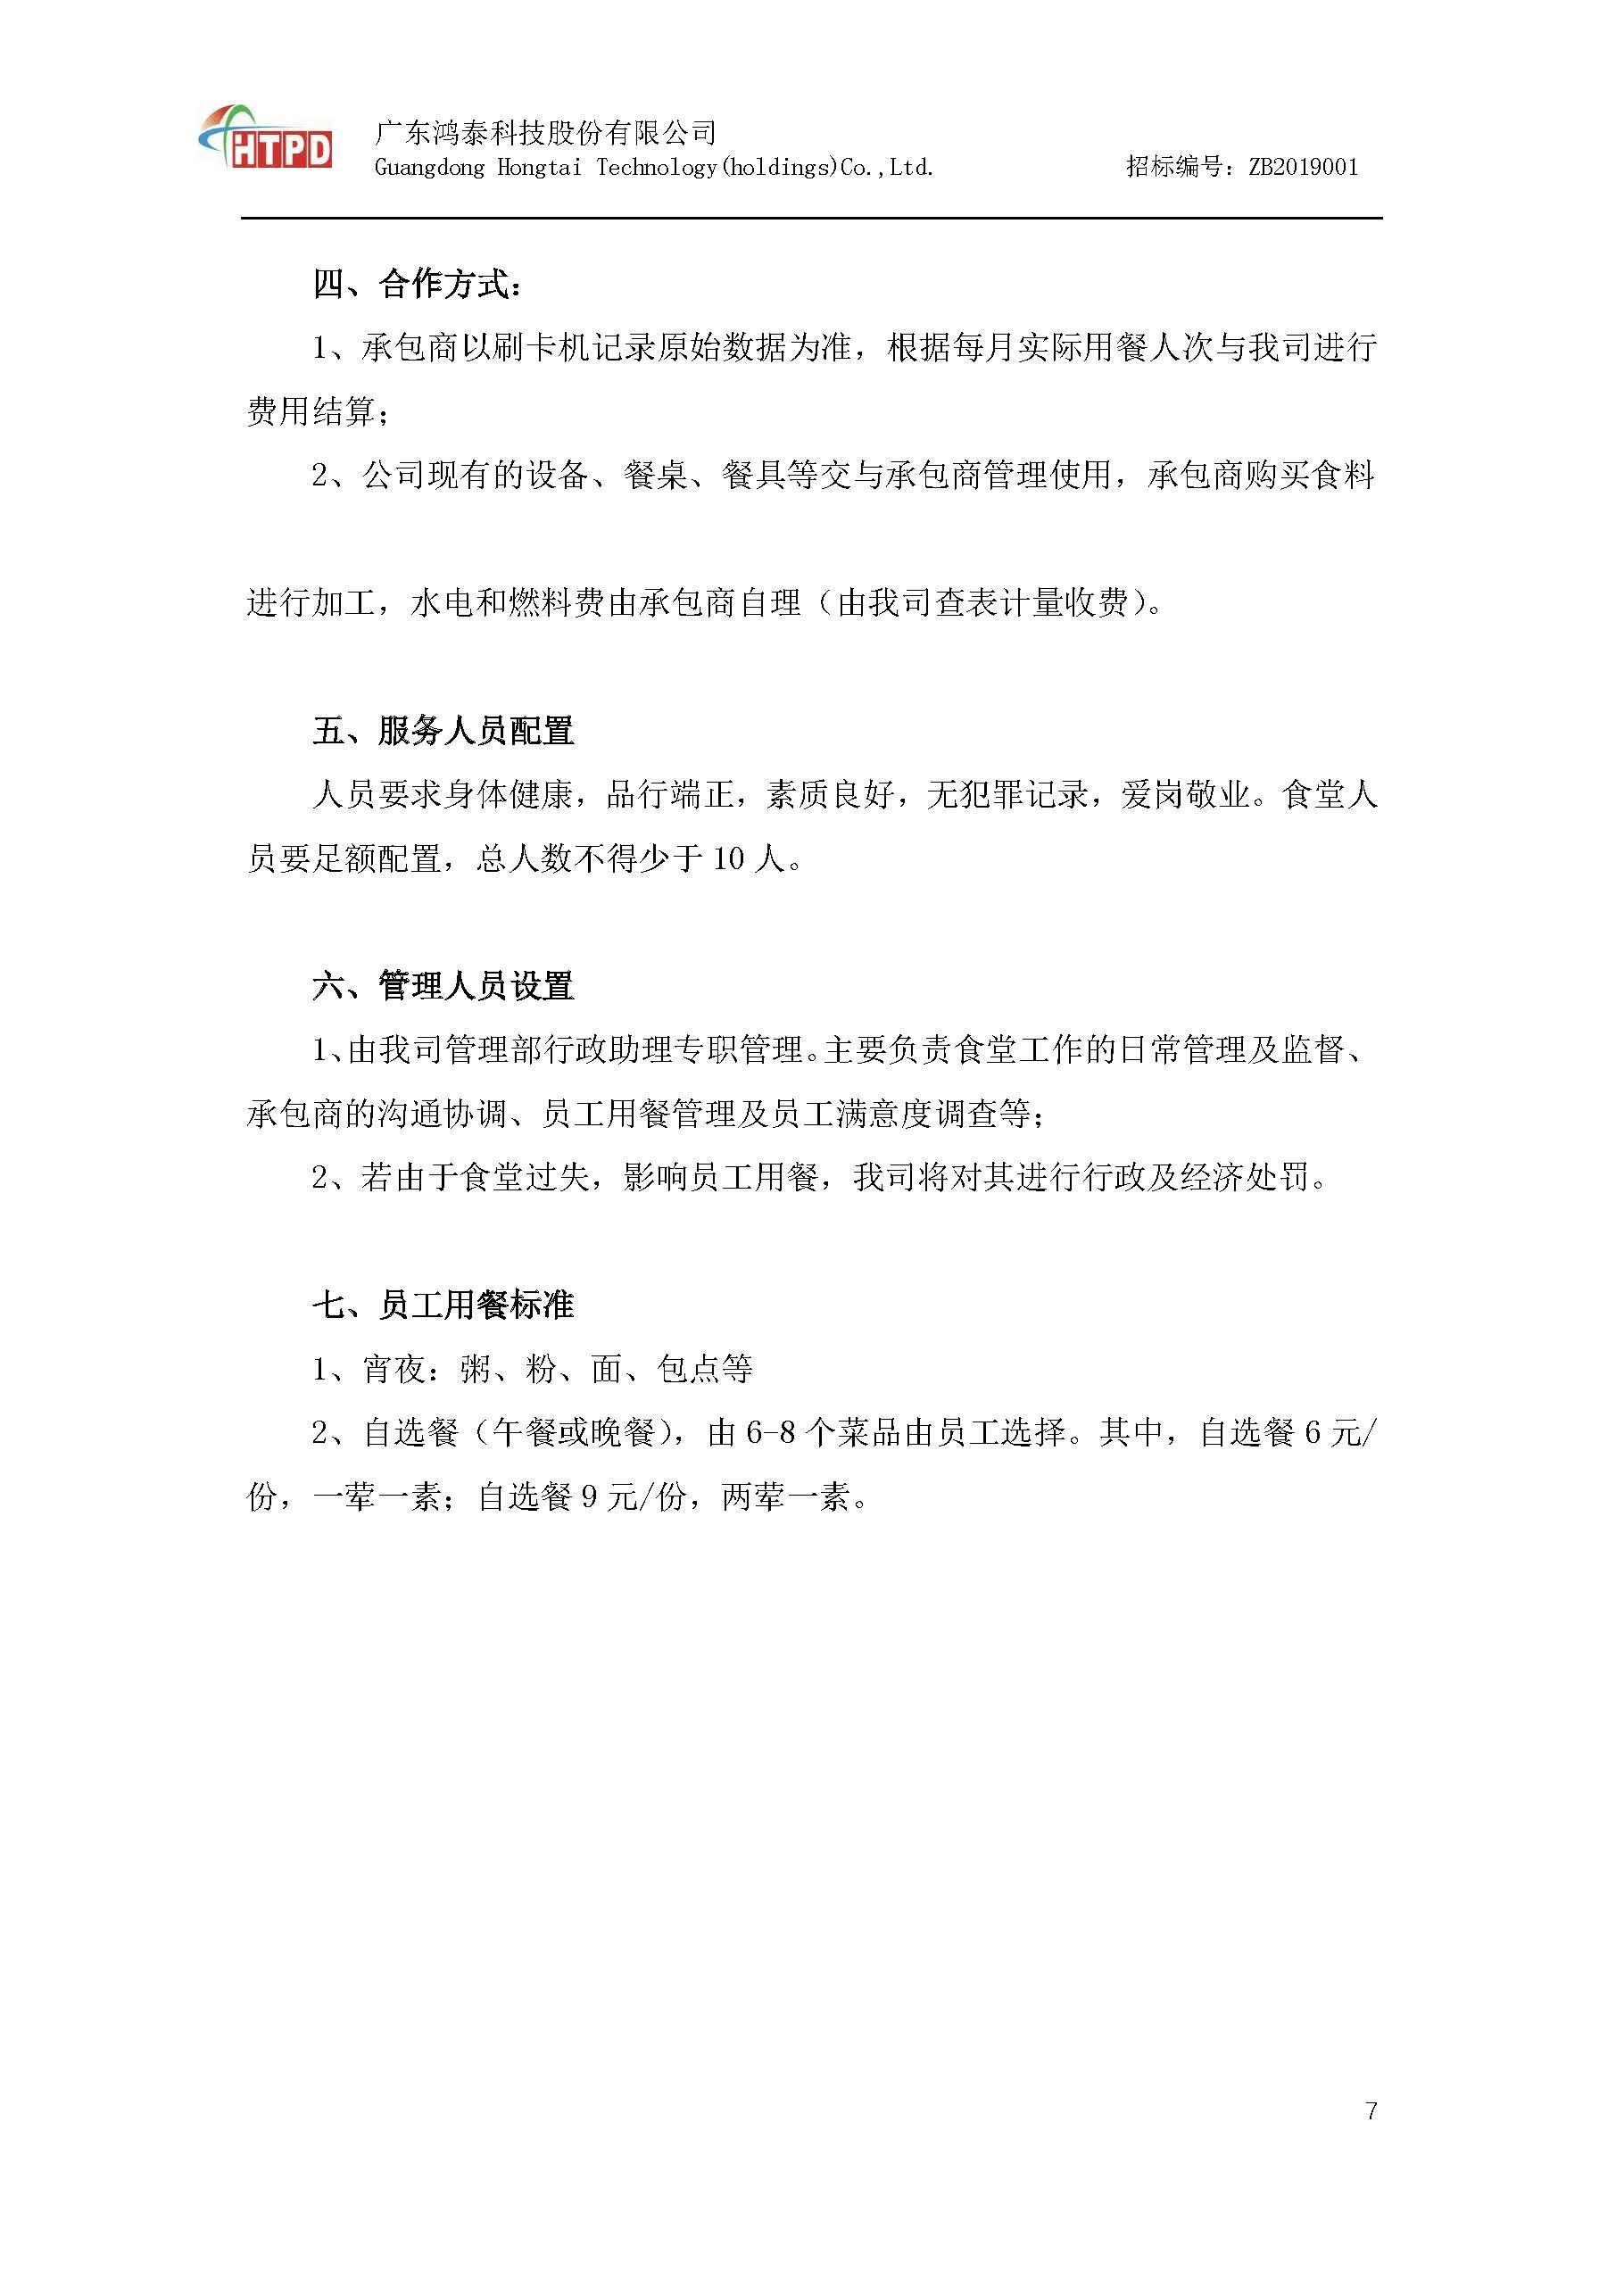 公开招标员工食堂承包经营项目公告(2)(1)_页面_7.jpg